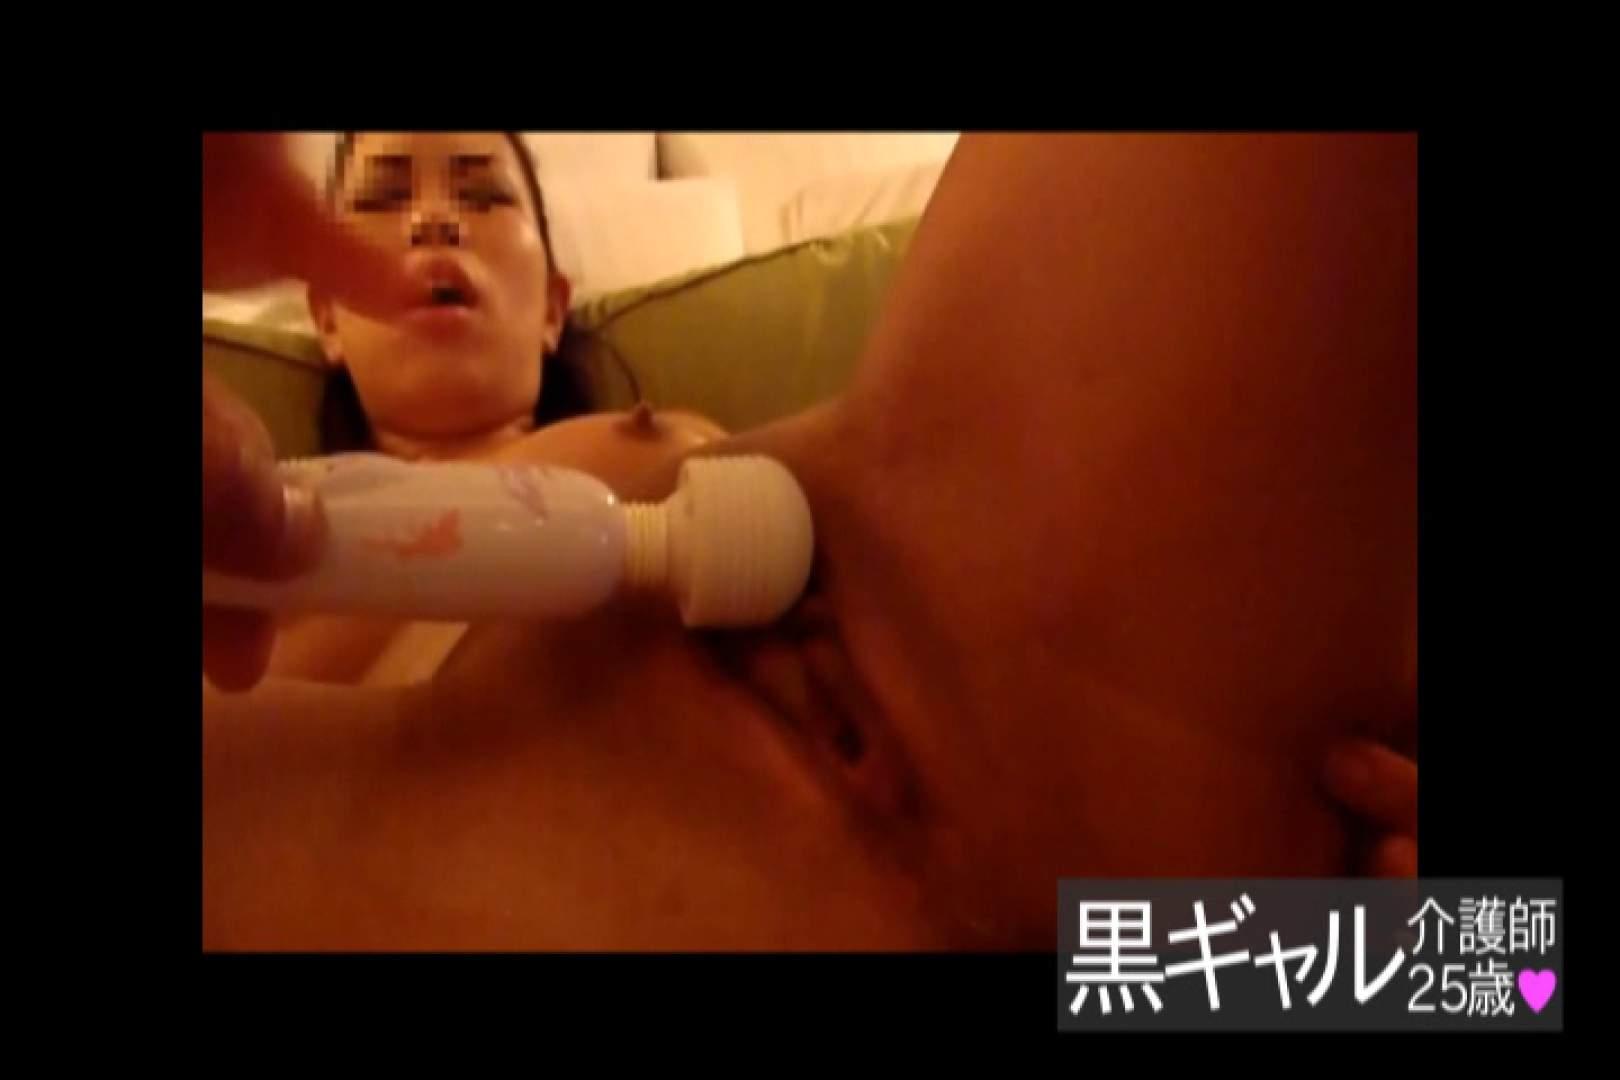 独占入手 従順M黒ギャル介護師25歳vol.5 エッチなOL | ギャルのエロ動画  78pic 71